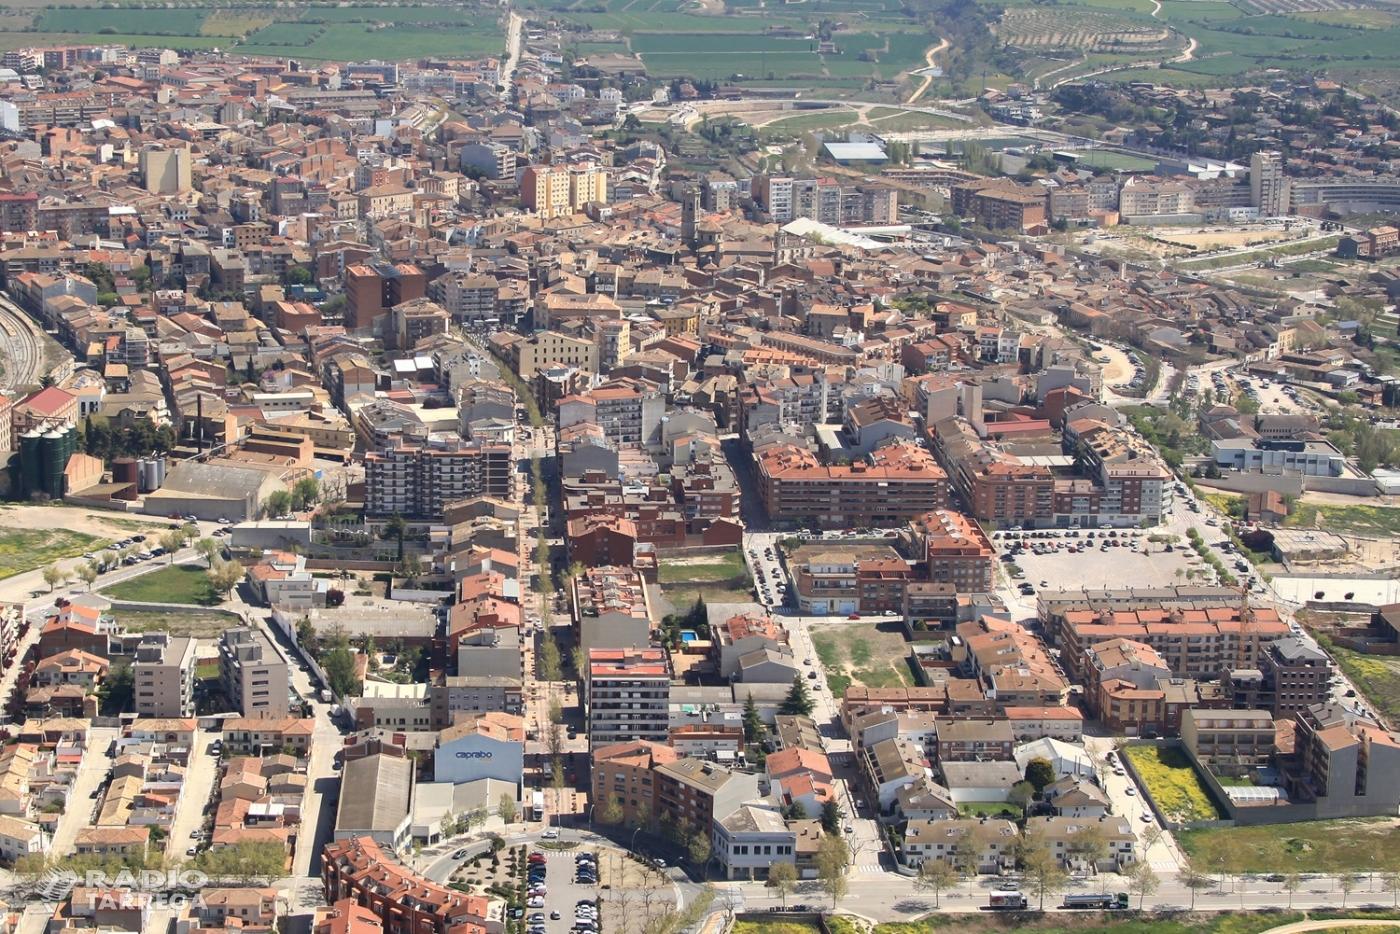 L'Ajuntament de Tàrrega aprova el Pla Normatiu 2020, que preveu la redacció de nous reglaments municipals